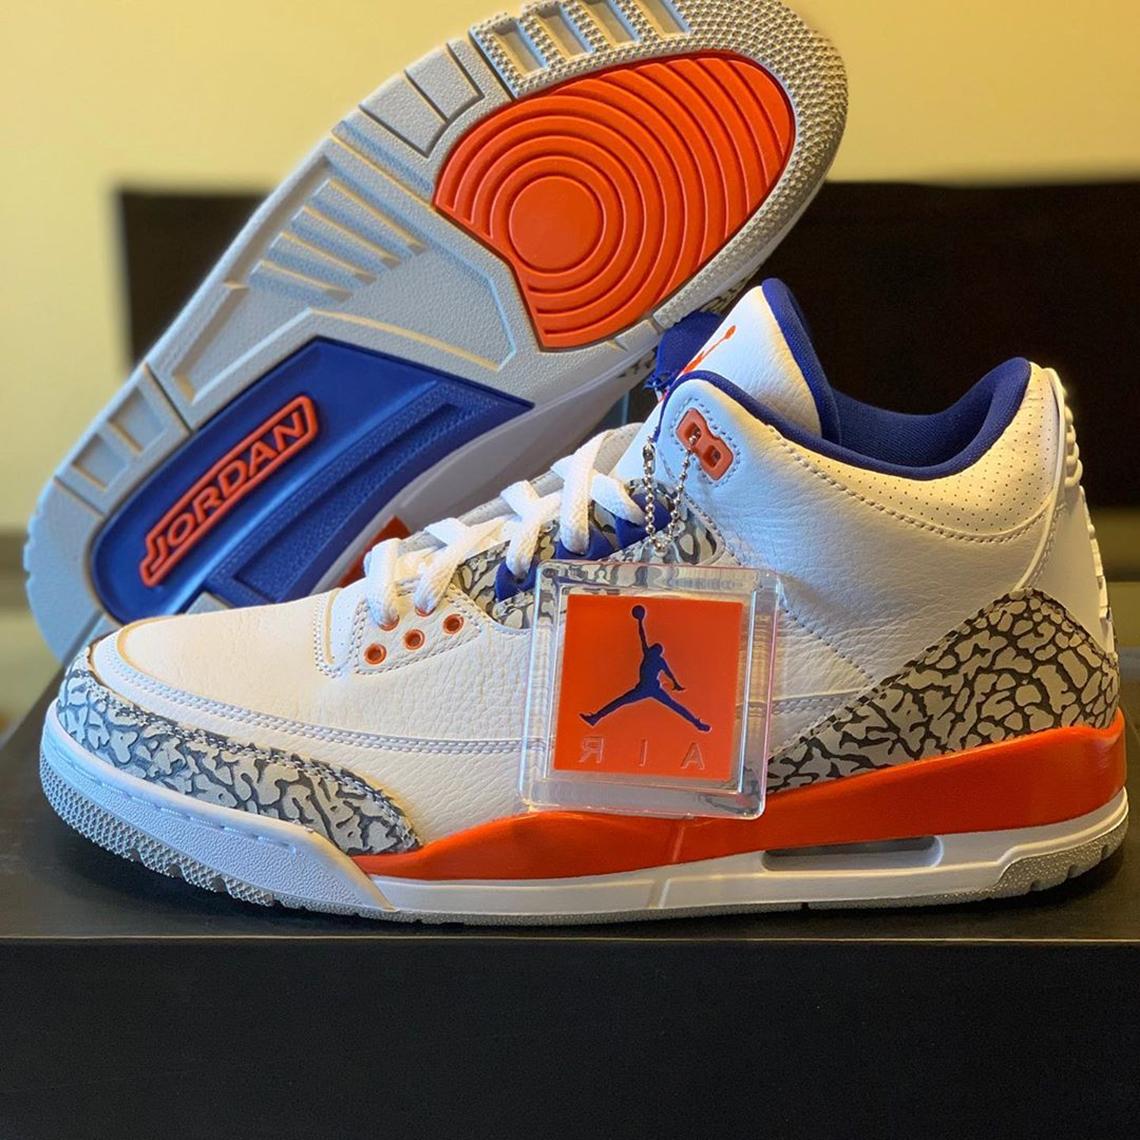 Jordan 3 Knicks 136064-148 Release Date